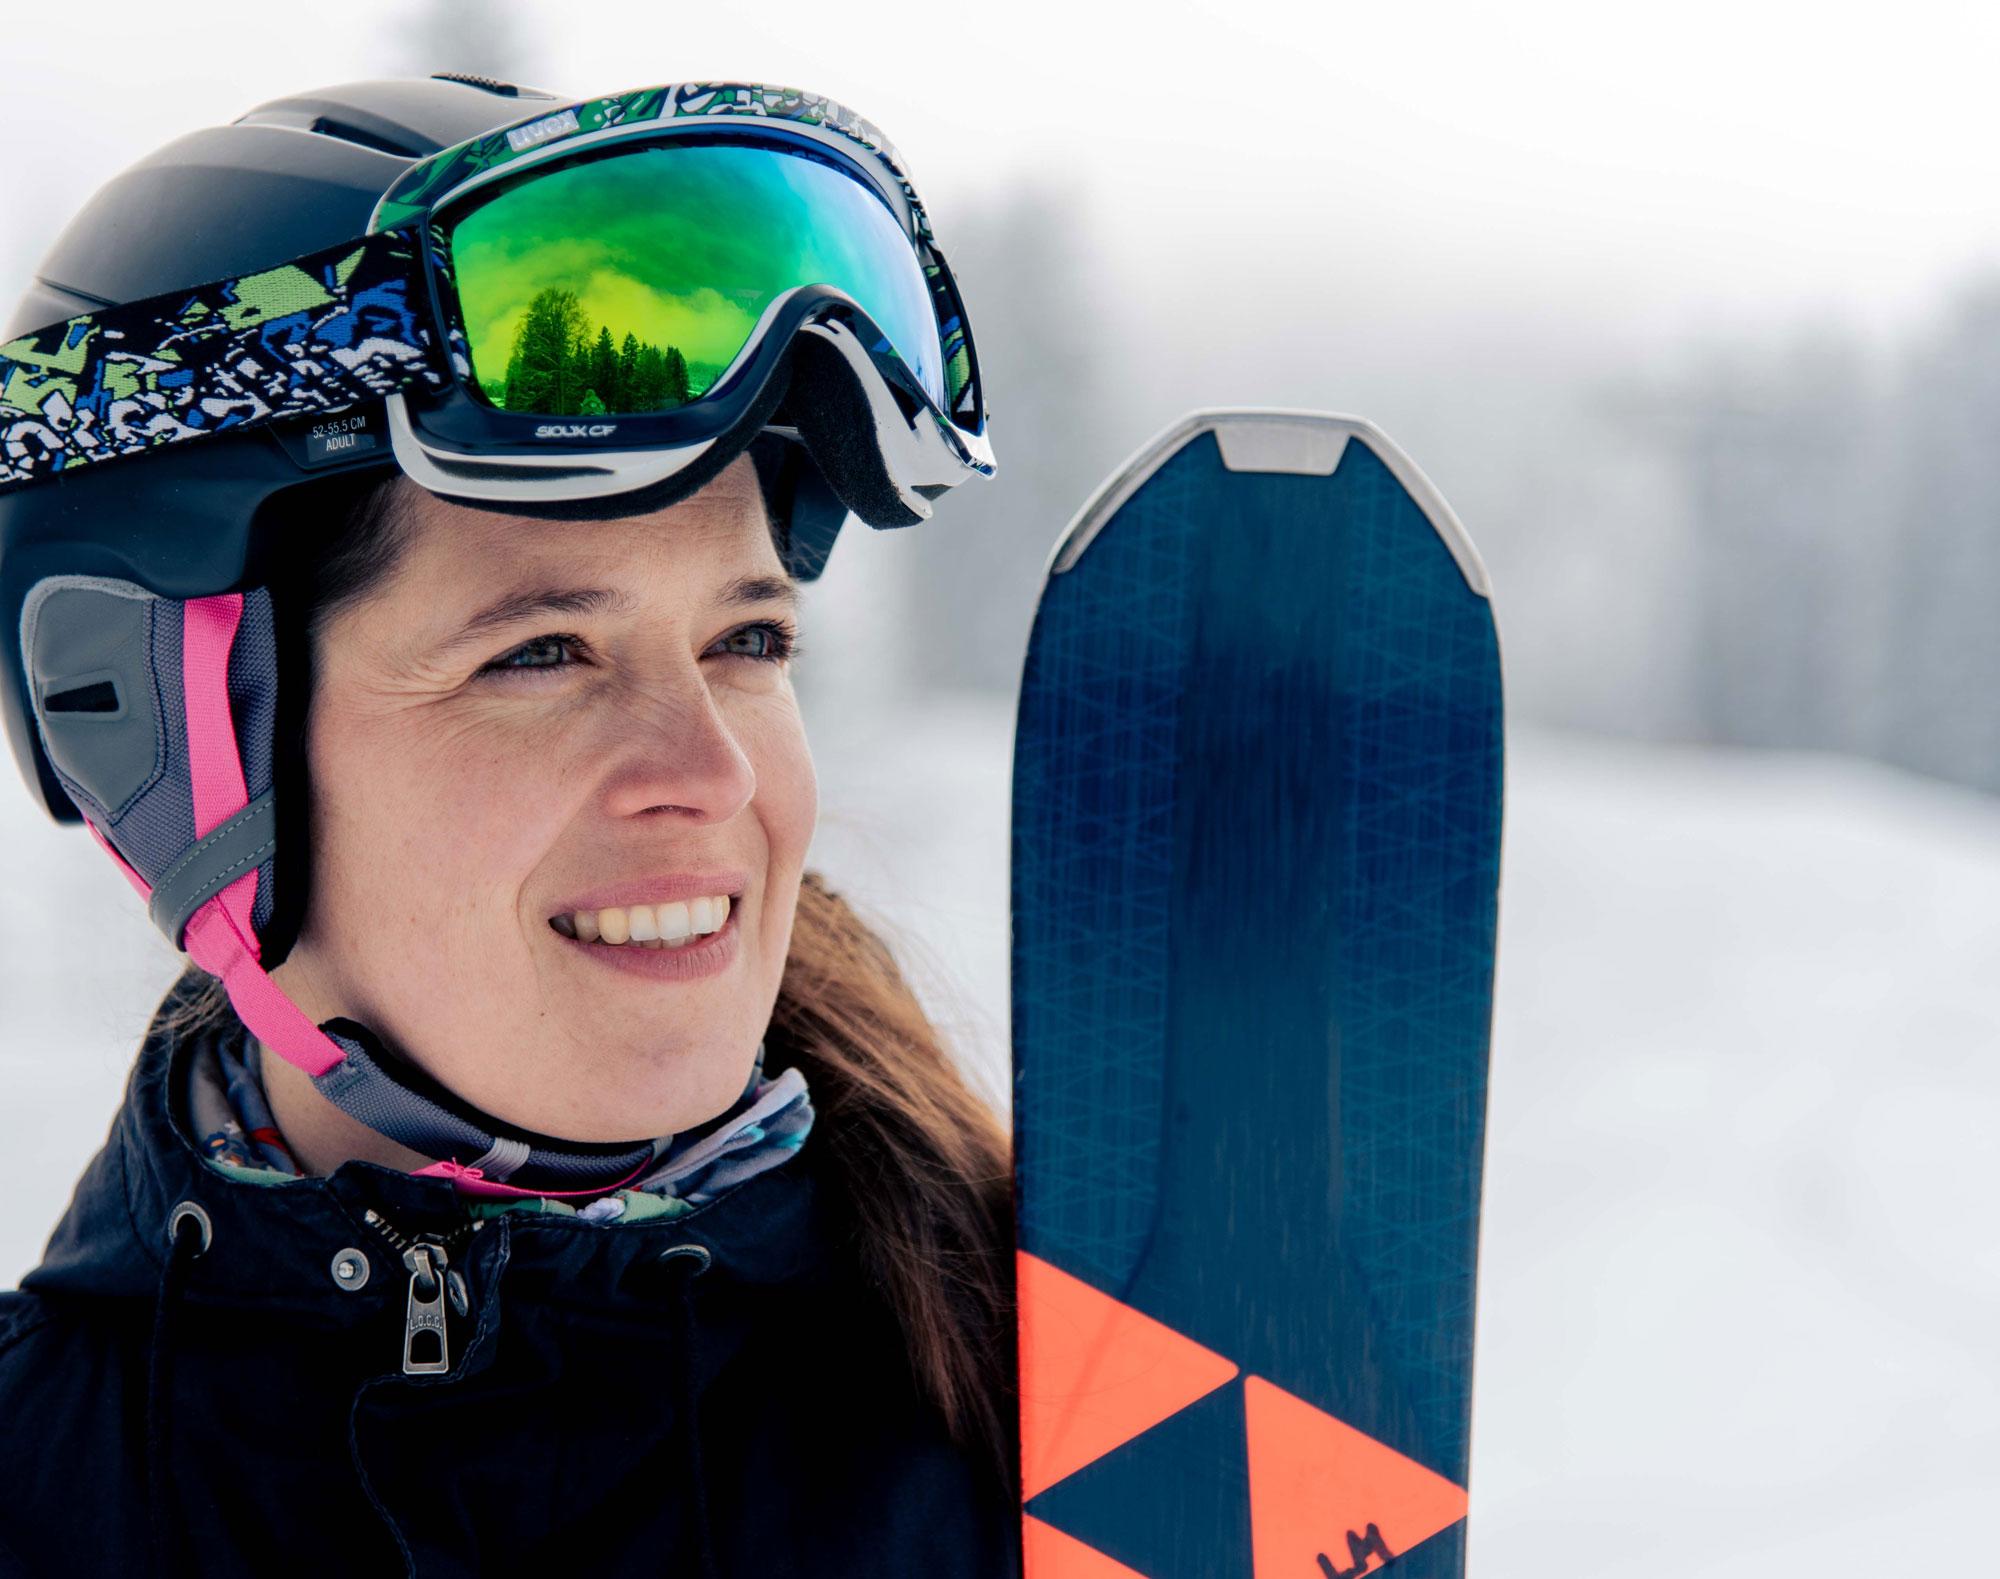 Katrin mit Helm und Ski